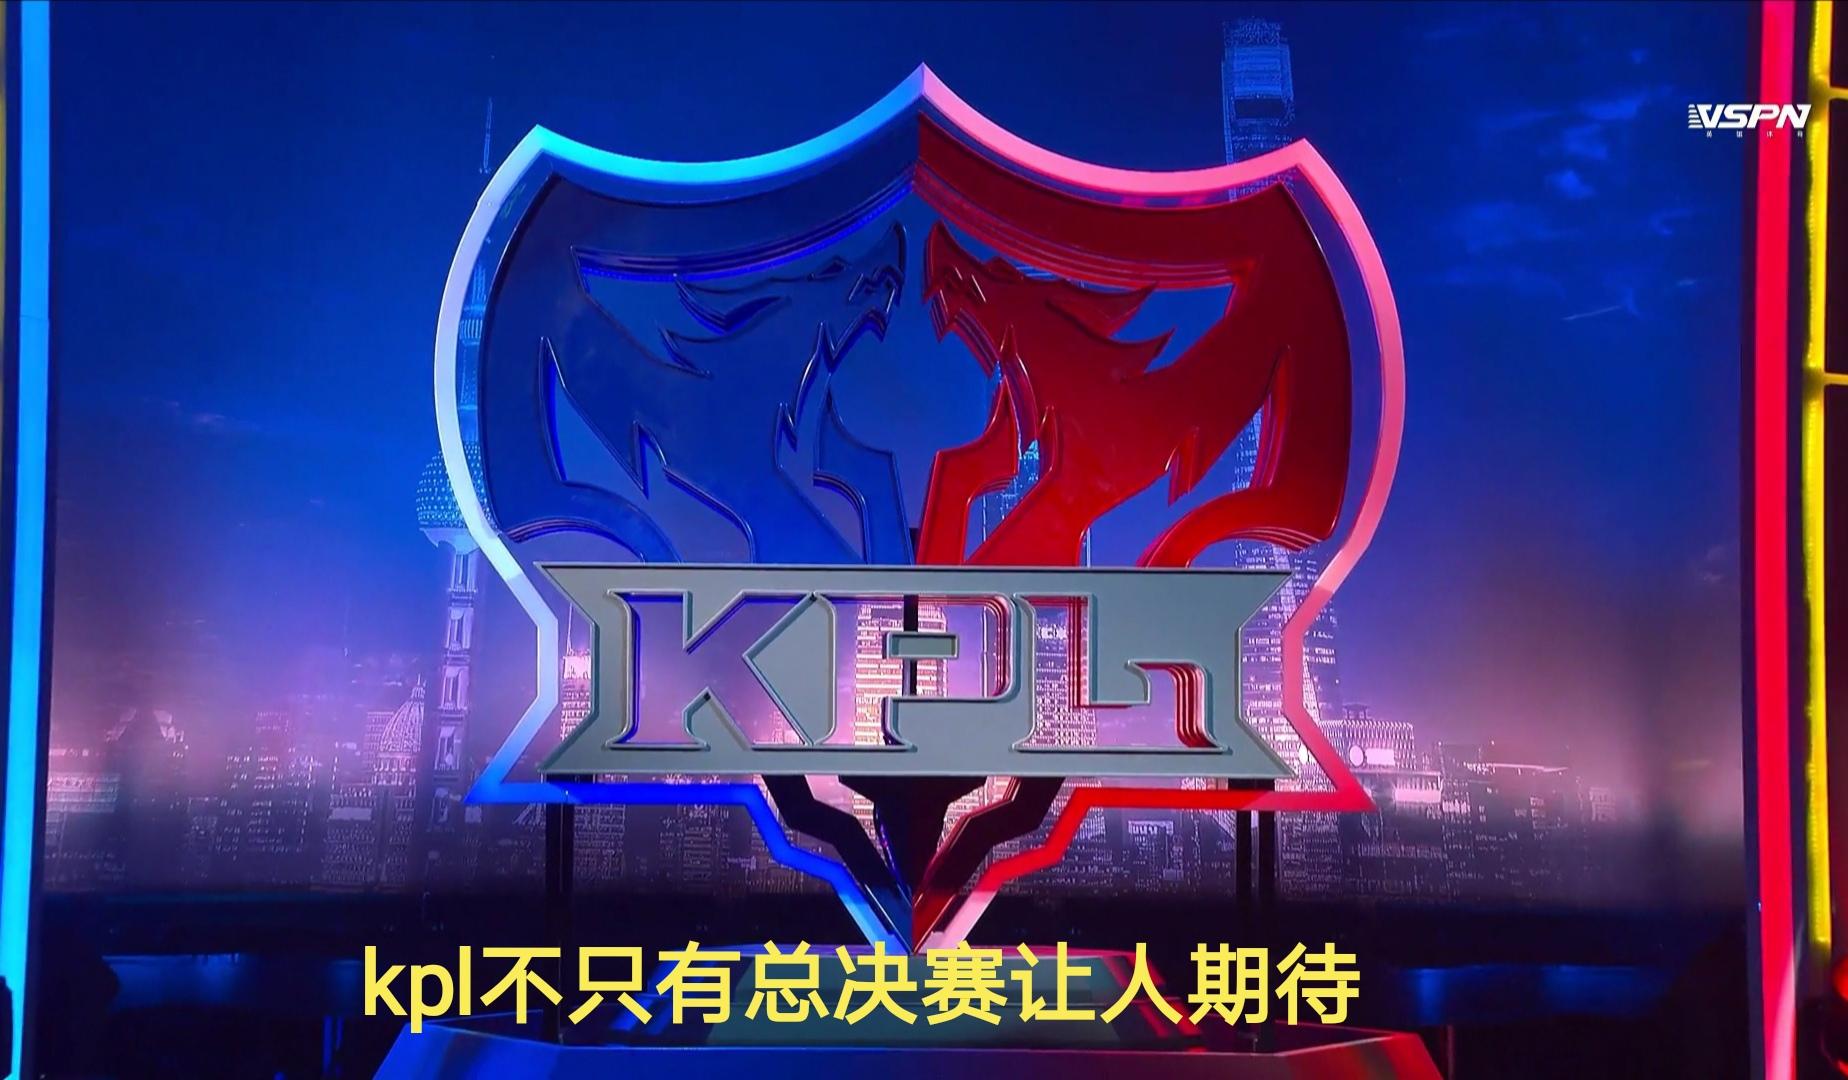 """红警2地图_王者荣耀:拿手阵容也不行,DYG惨被AG超玩会零封,粉丝却在为""""魔咒""""担心"""